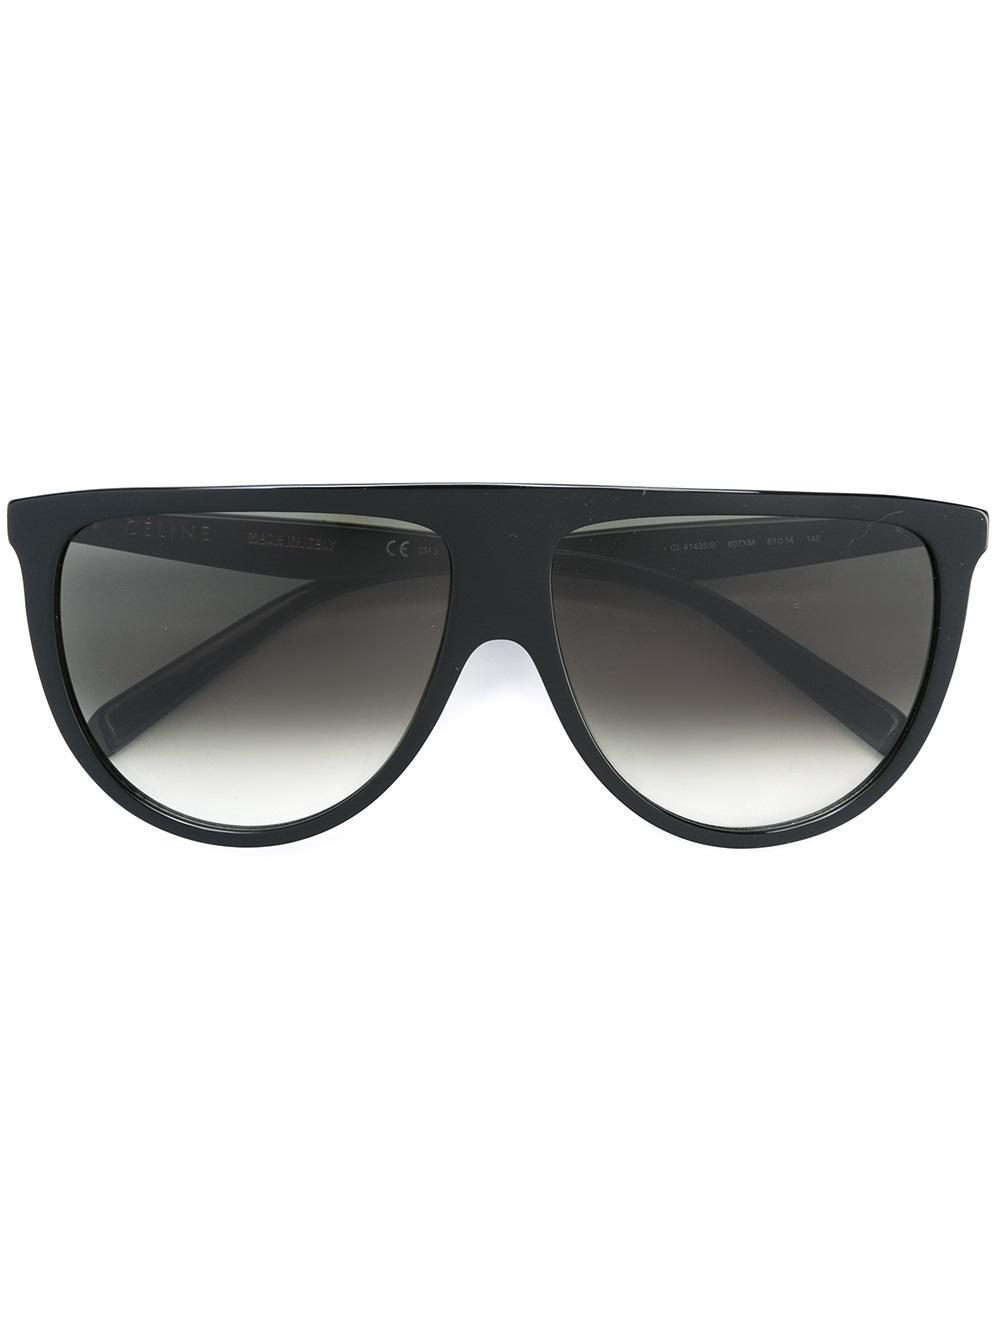 bc33db3ad4dfc Céline Eyewear  Thin Shadow  Sunglasses - Farfetch